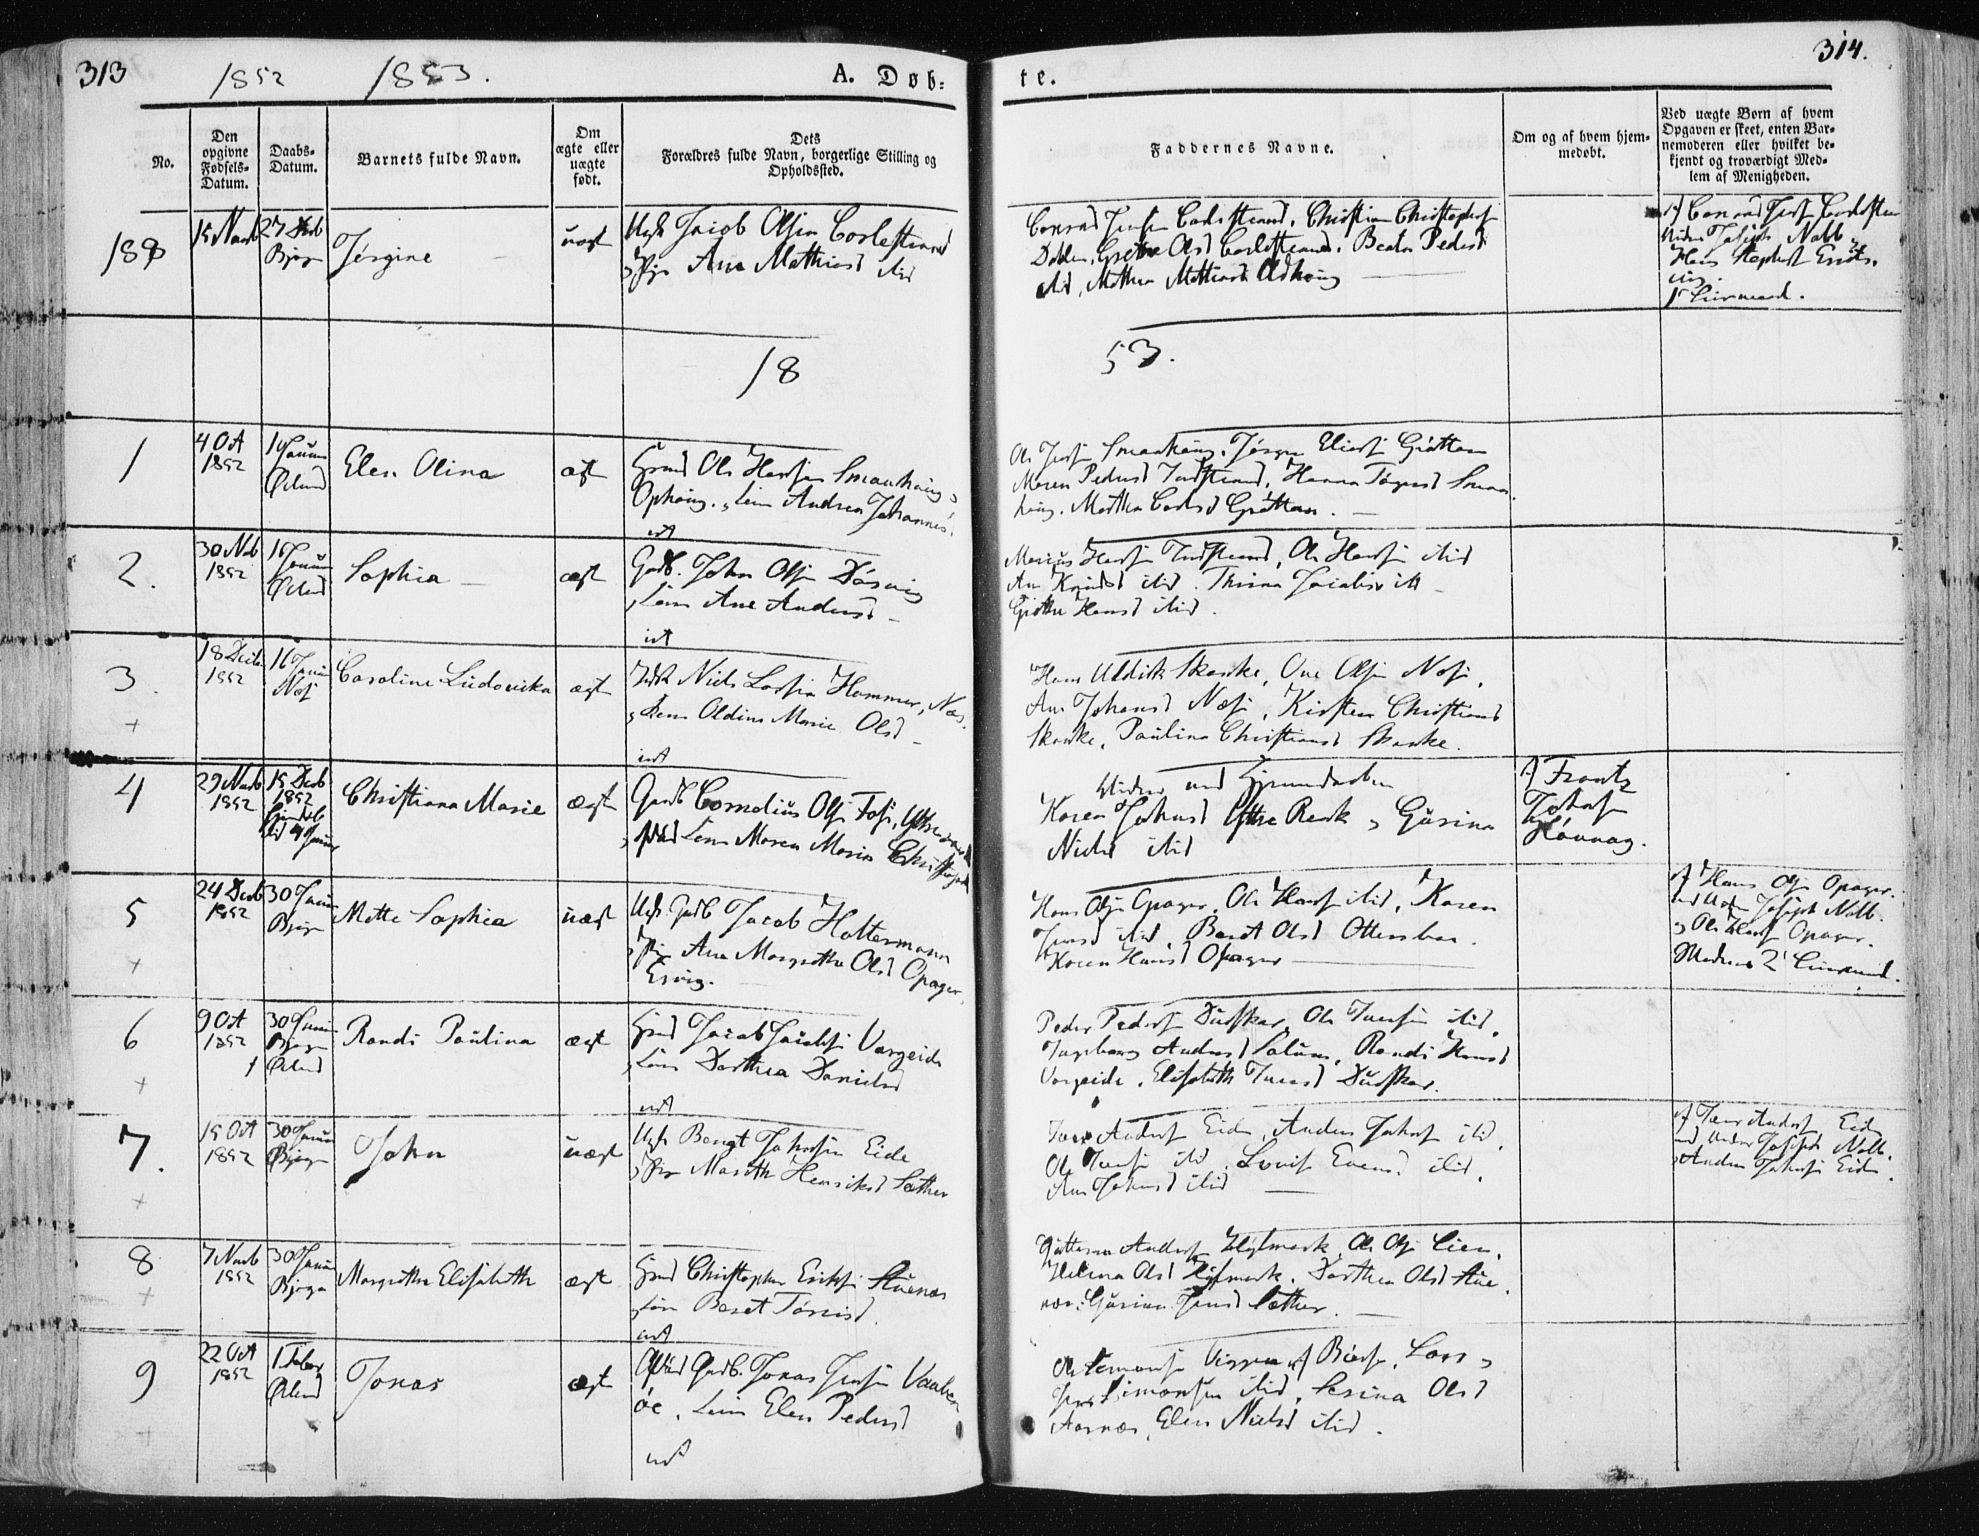 SAT, Ministerialprotokoller, klokkerbøker og fødselsregistre - Sør-Trøndelag, 659/L0736: Ministerialbok nr. 659A06, 1842-1856, s. 313-314